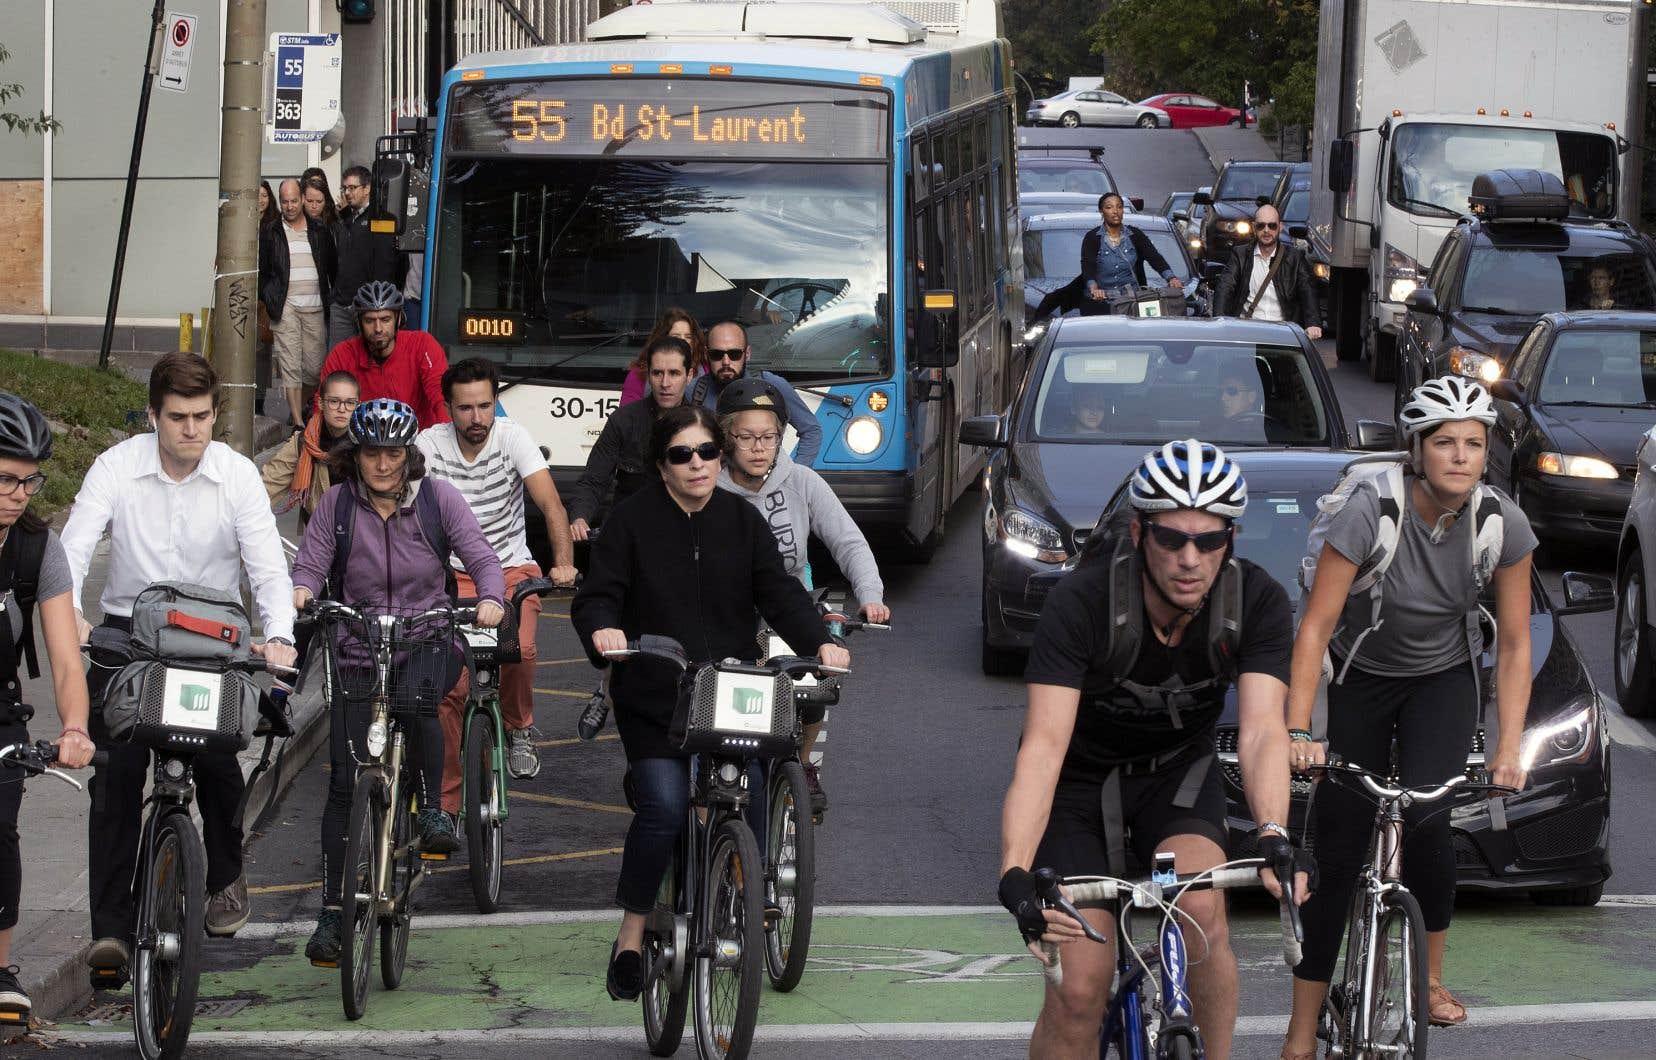 L'accessibilité au transport collectif et au service de partage de voitures, ainsi que l'engouement pour le transport actif, pourraient expliquer la baisse du nombre de voitures à Montréal.